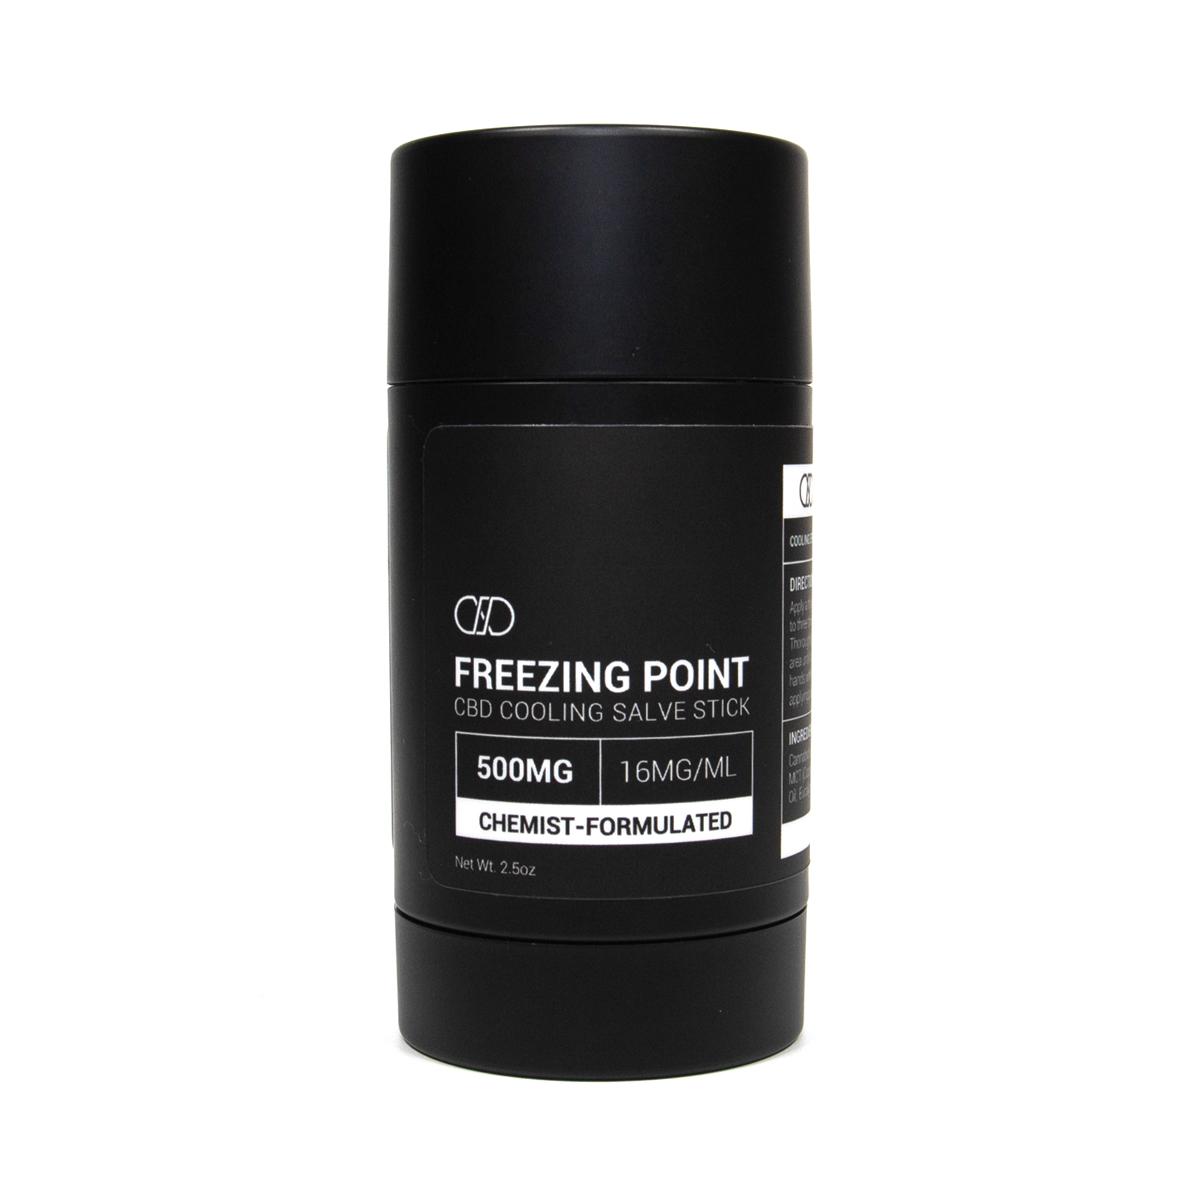 freezing_point_salve_web image